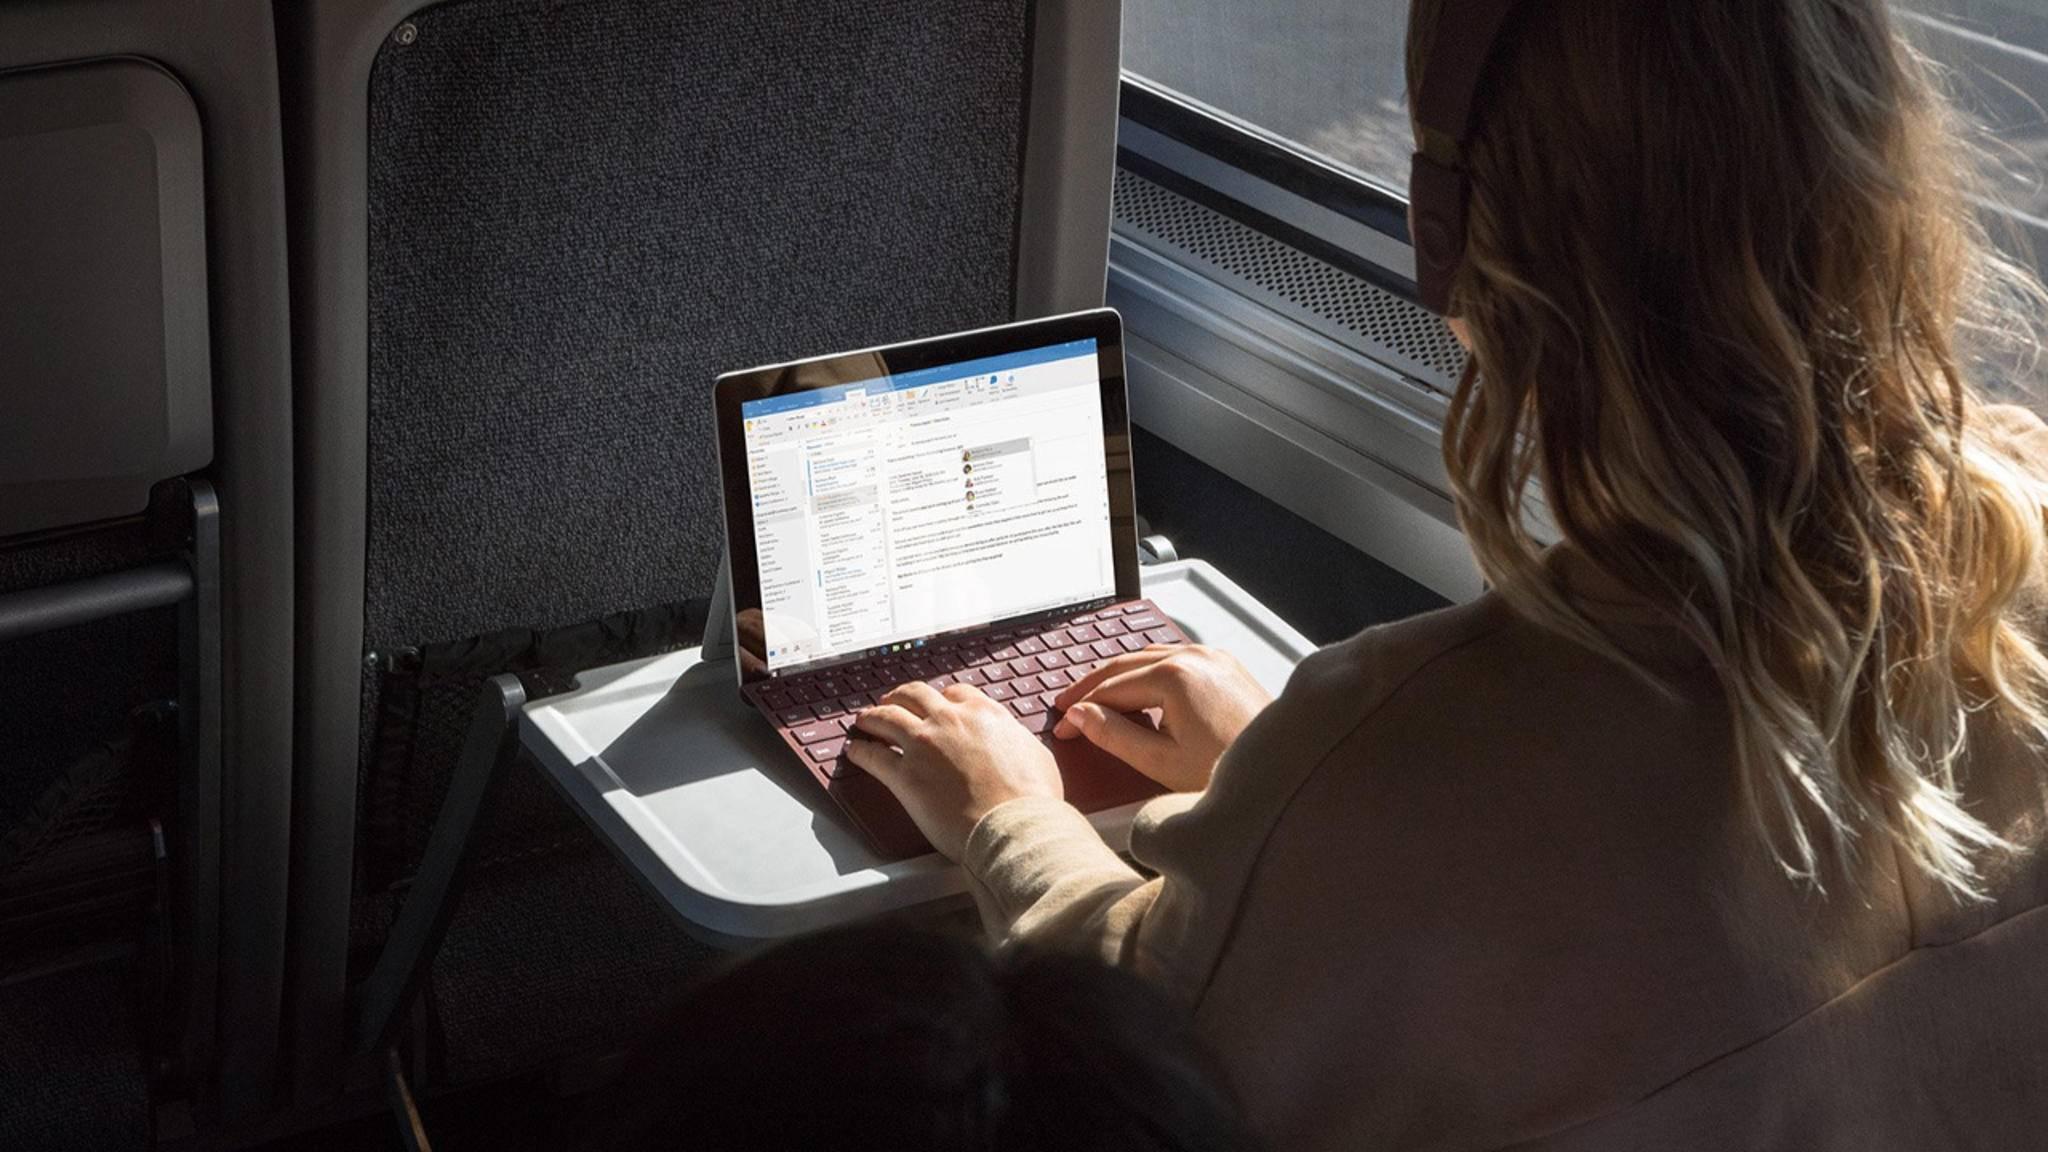 Das Surface Go ist das neue Einsteiger-Convertible von Microsoft.